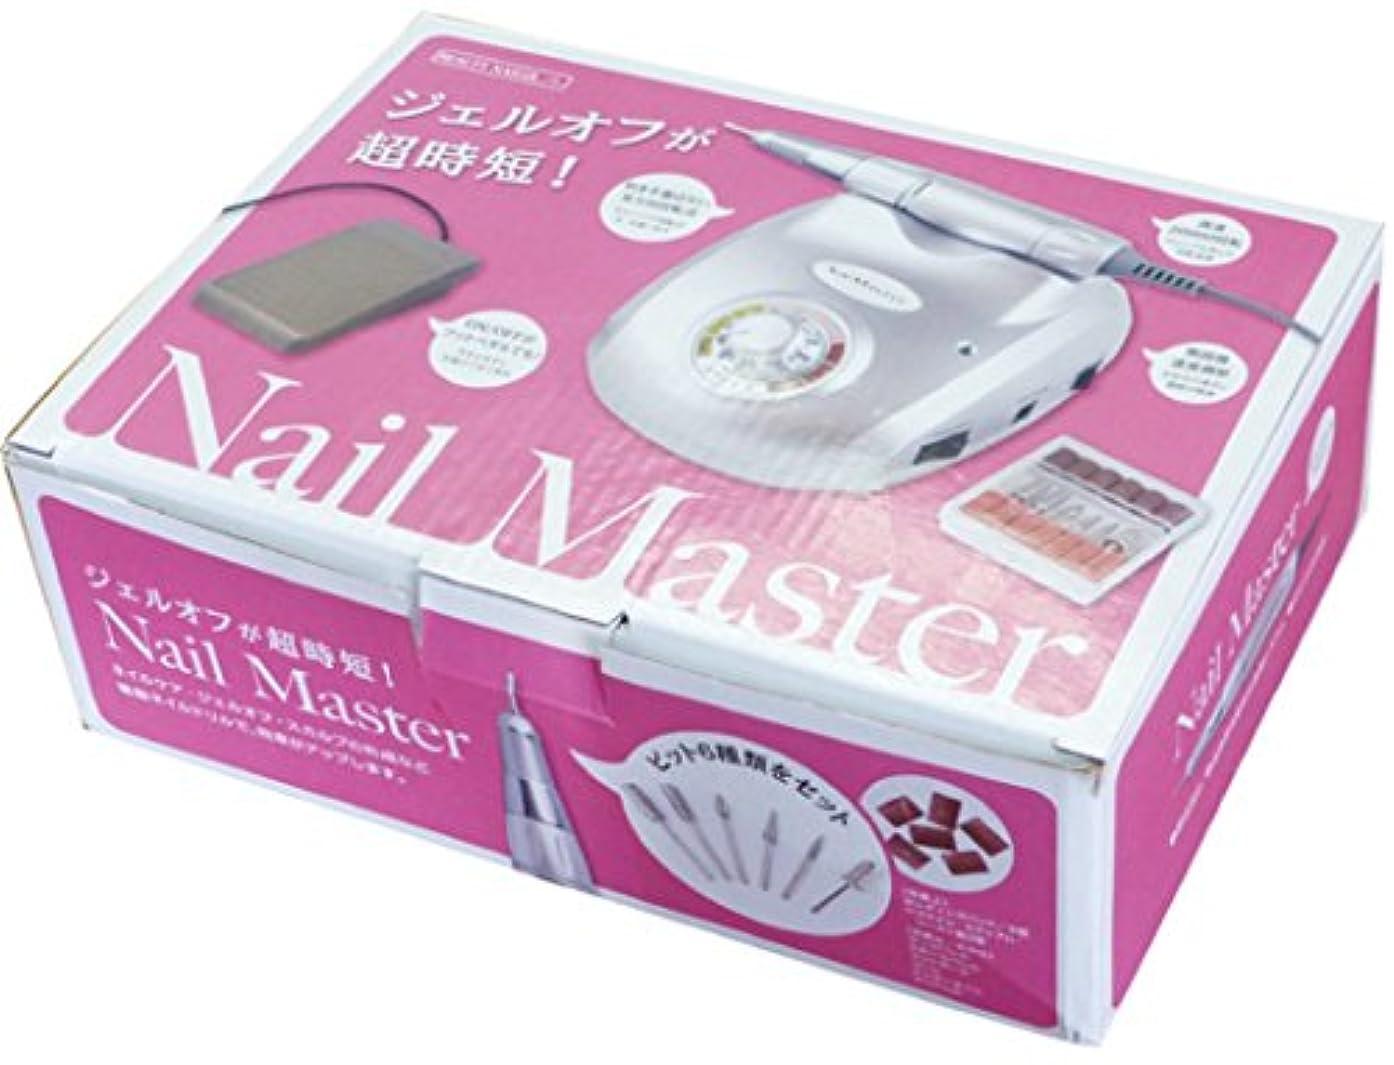 資本ネクタイテクニカルビューティーネイラー ネイルマスター DRILL-1